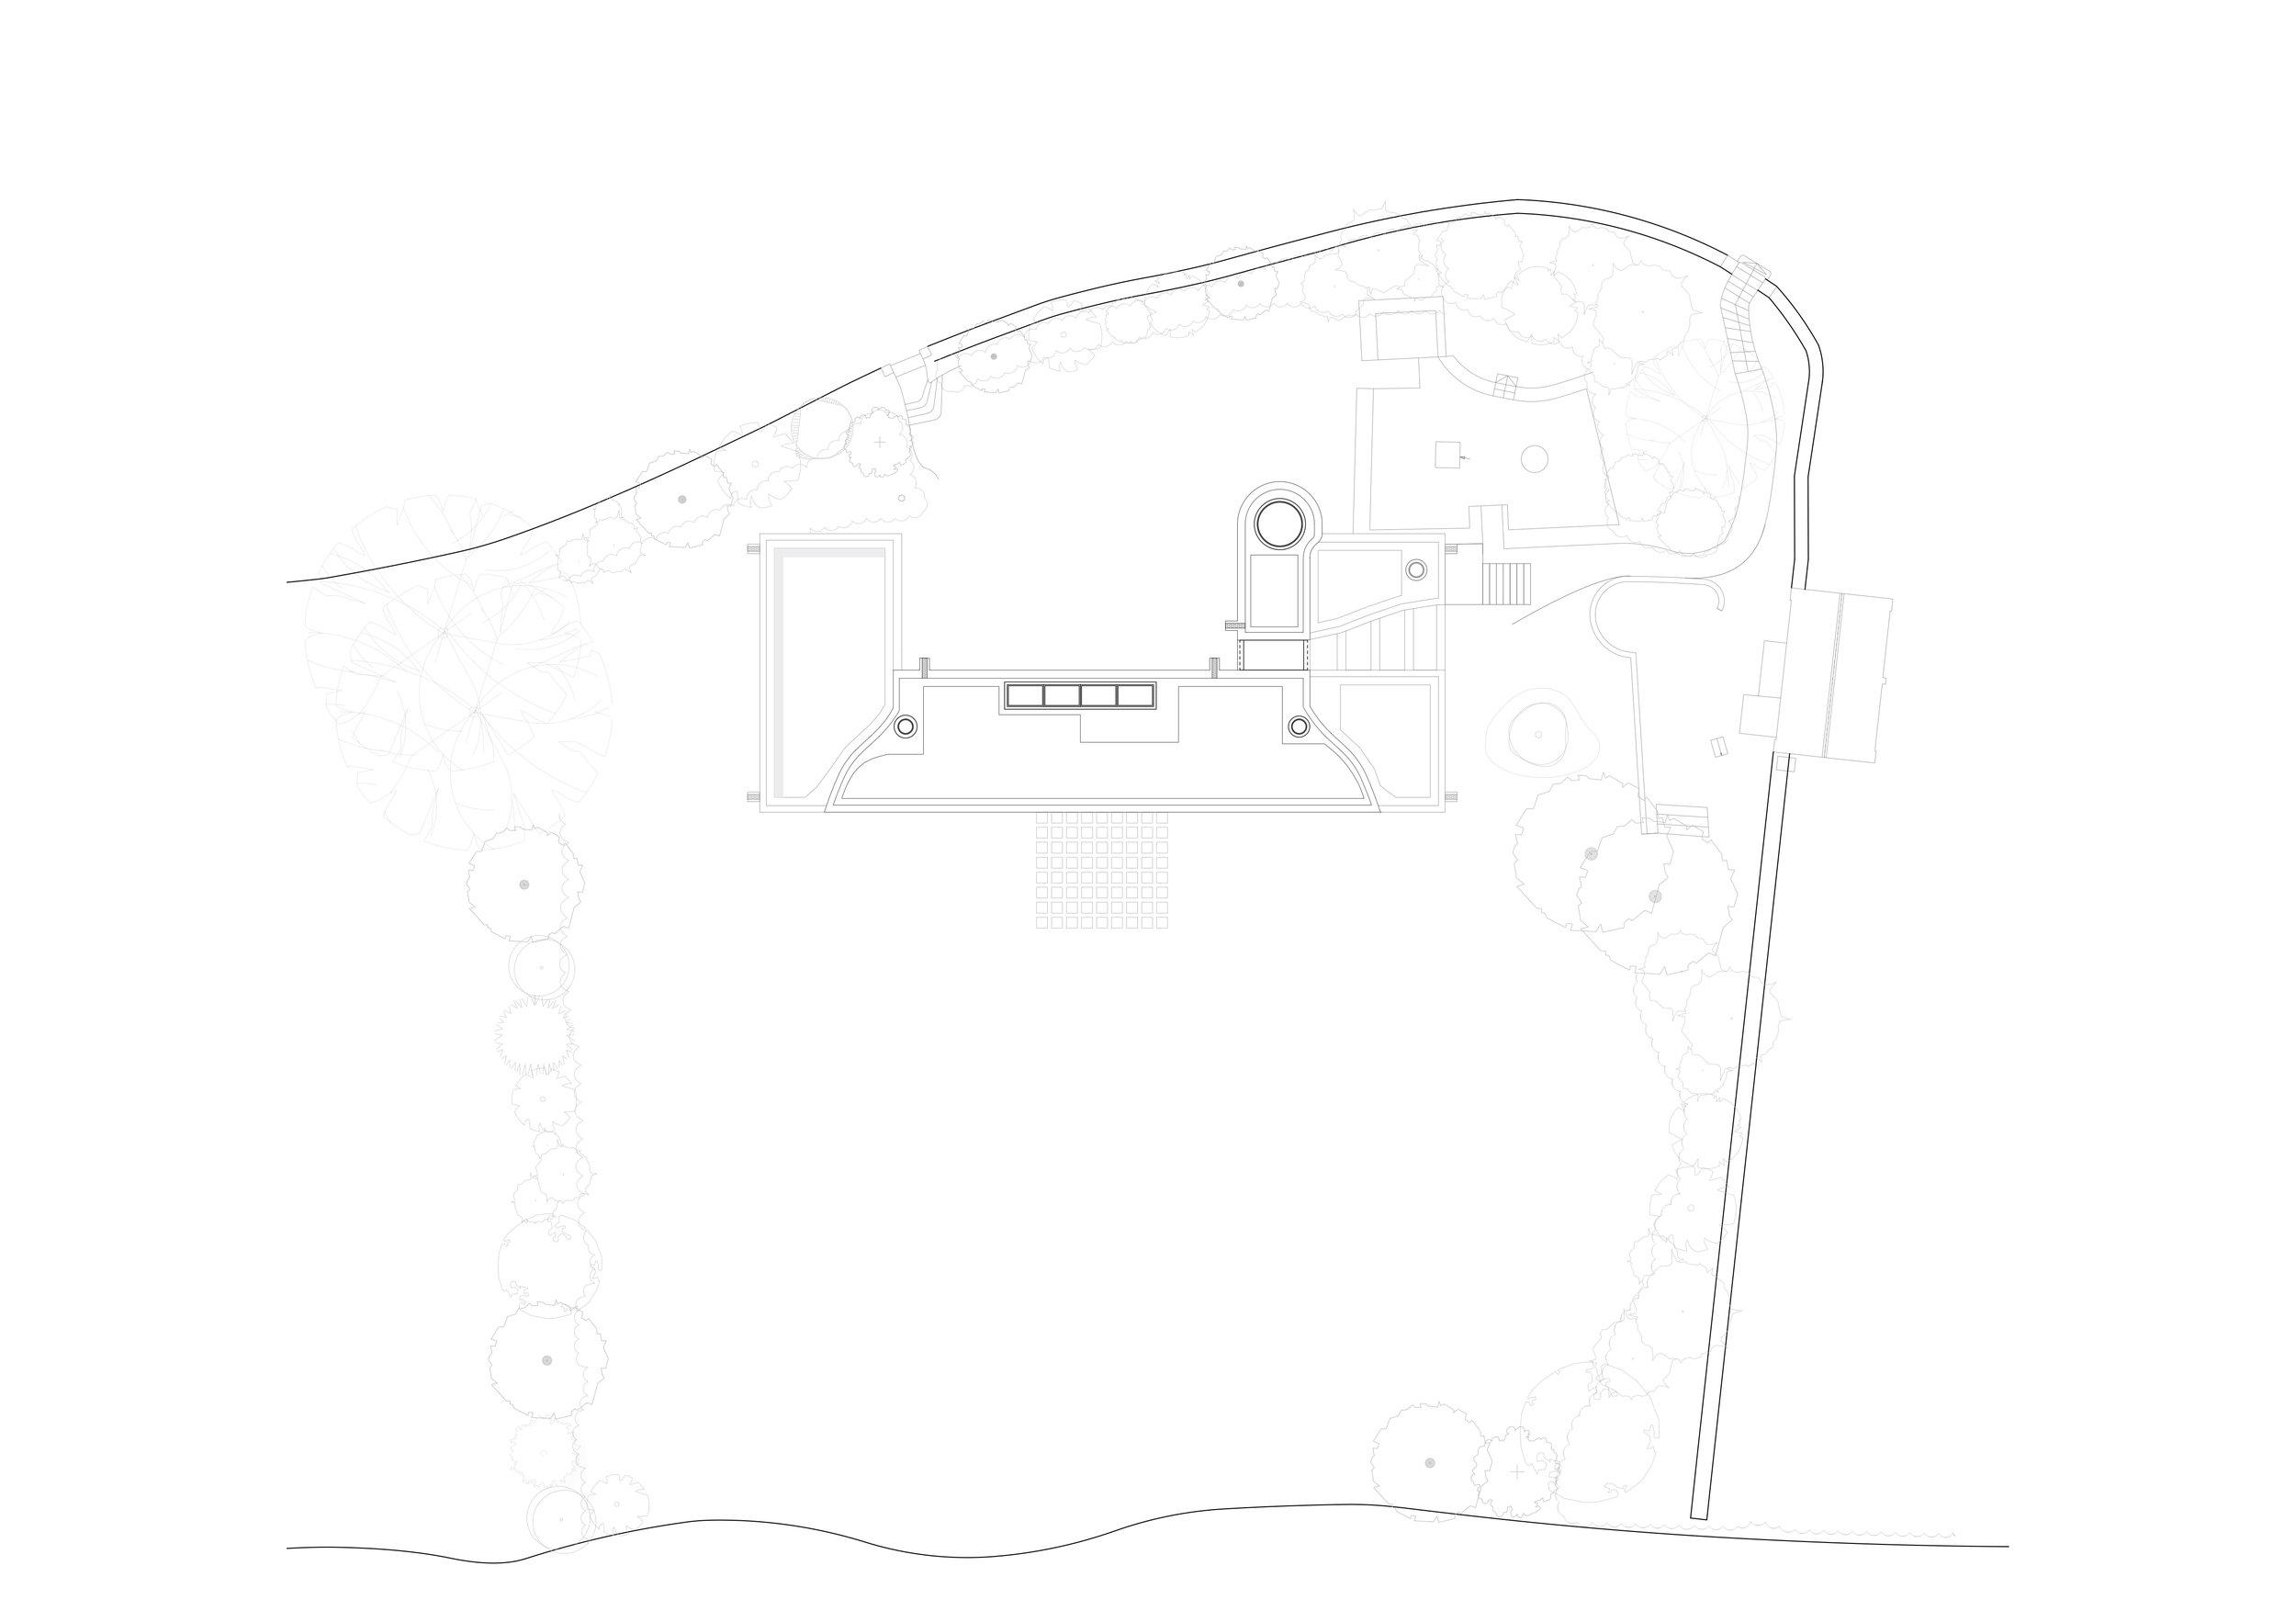 10056 - Proposed RoofPlan.jpg